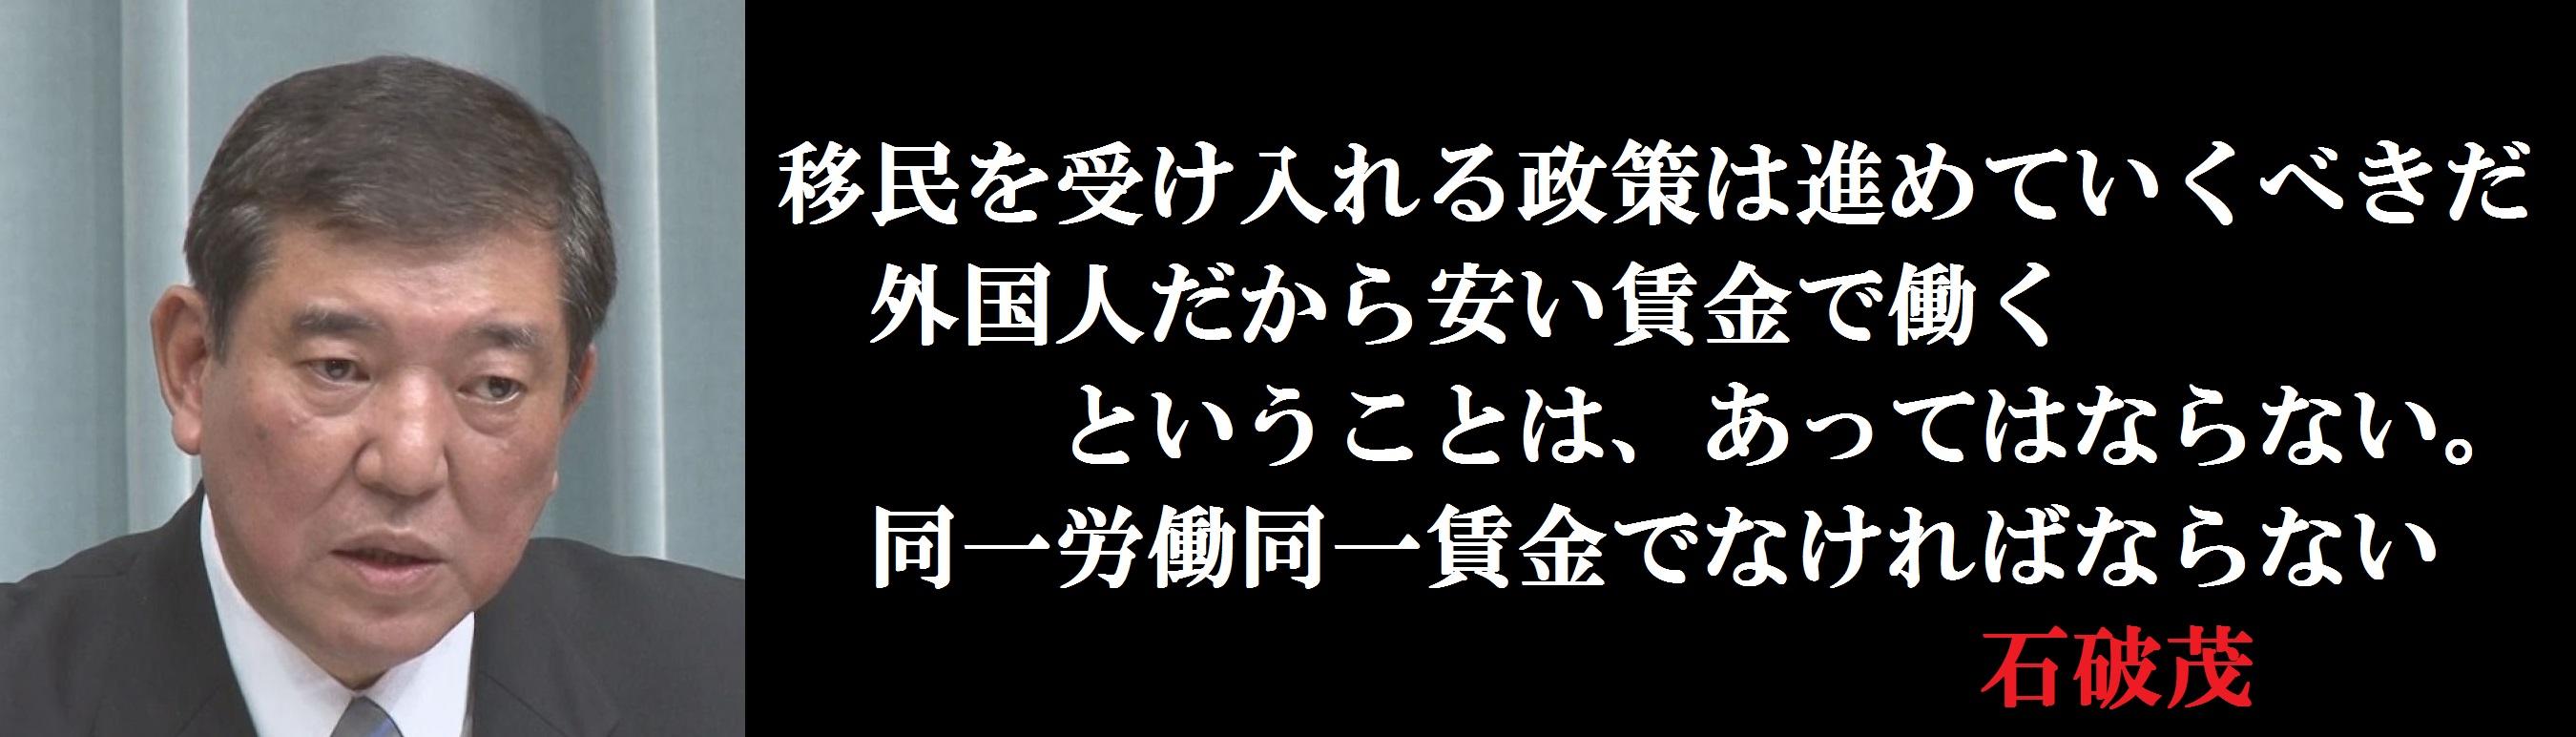 f:id:JAPbuster:20160911133406j:plain